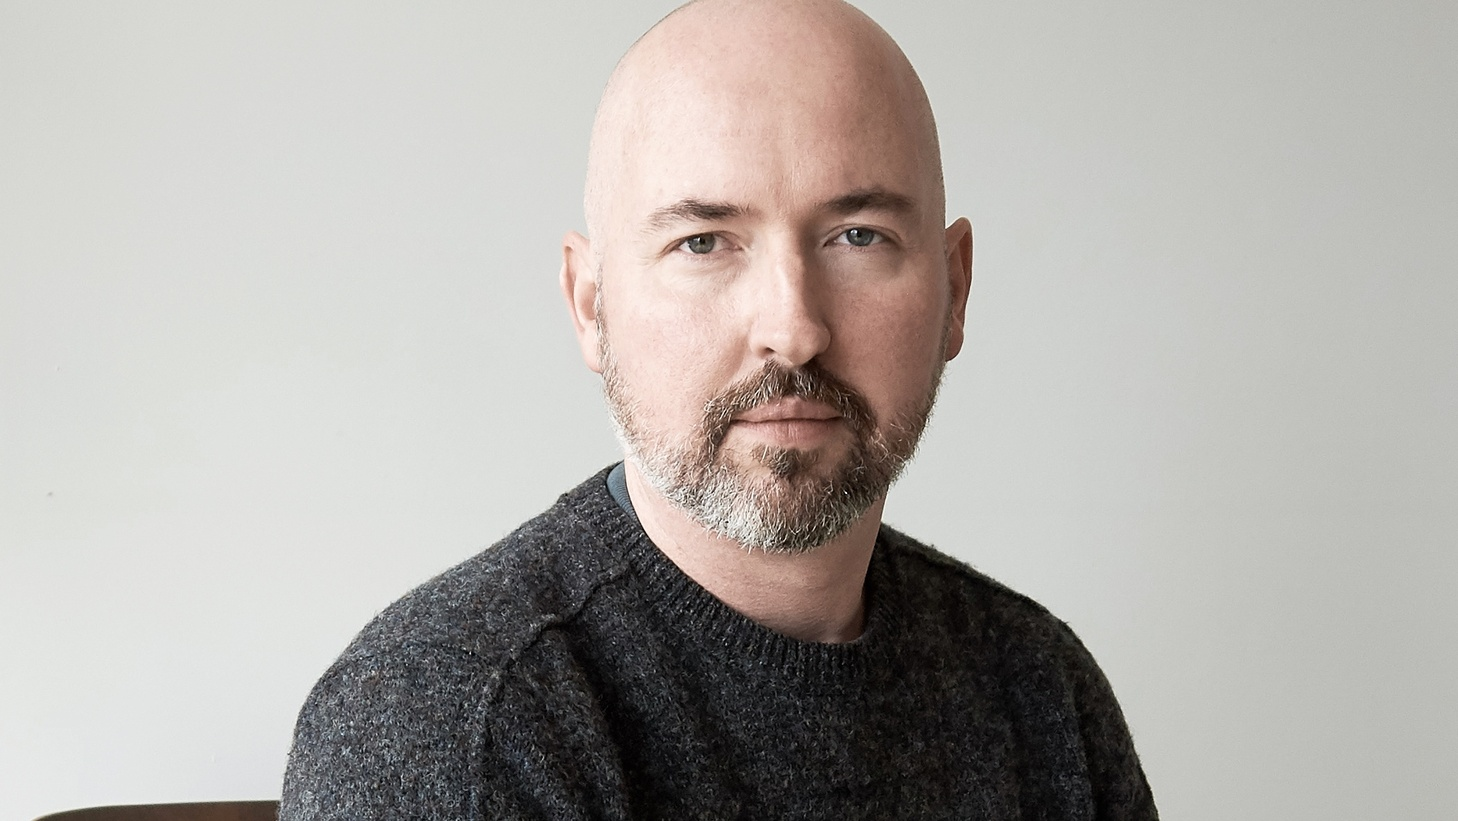 સ્કોટિશ-અમેરિકન લેખક ડગ્લાસ સ્ટુઅર્ટને 2020નો બૂકર પુરસ્કાર એનાયત કરાયો